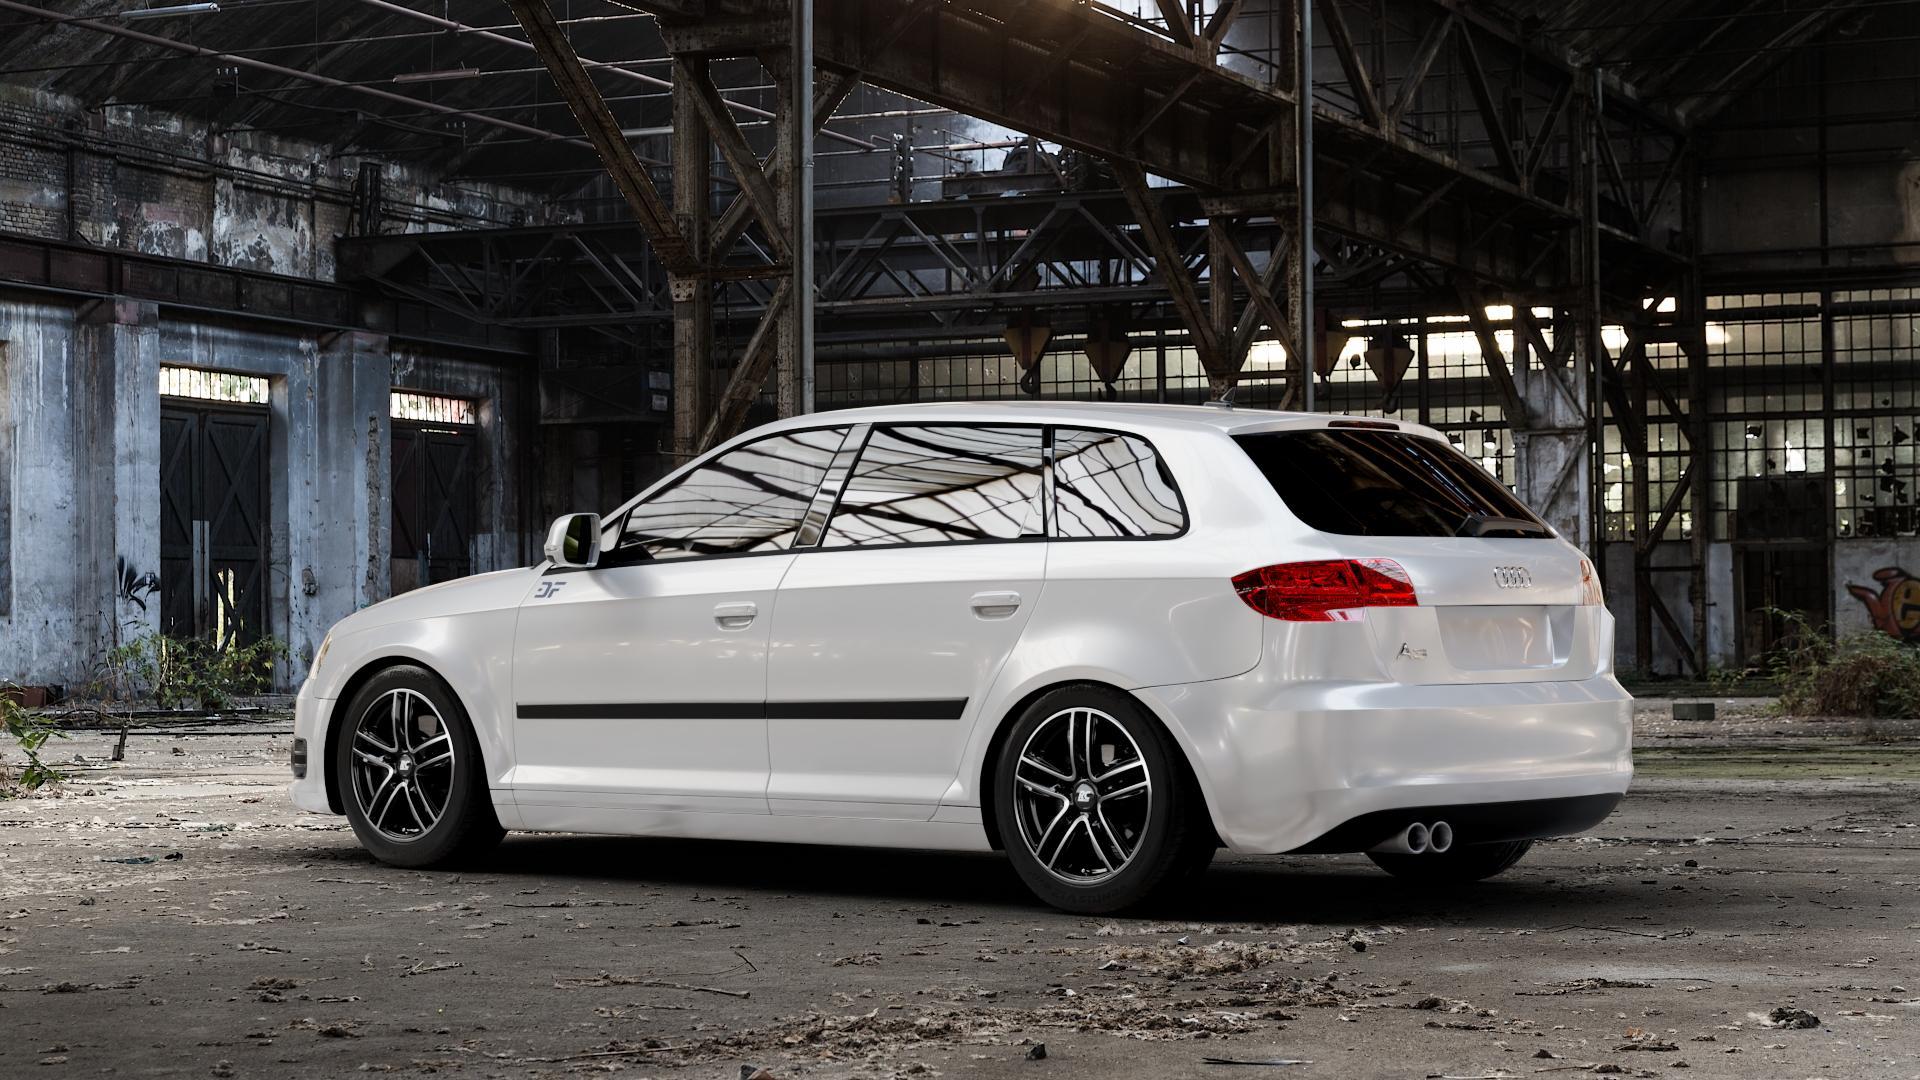 RC Design RC27 schwarz front-poliert Felge mit Reifen silber mehrfarbig in 16Zoll Winterfelge Alufelge auf weissem Audi A3 Typ 8P (Sportback) 1,6l 75kW (102 PS) 2,0l FSI 110kW (150 1,9l TDI 77kW (105 103kW (140 TFSI 147kW (200 85kW (116 100kW (136 1,8l 118kW (160 125kW (170 1,4l 92kW (125 120kW (163 quattro 3,2l V6 184kW (250 S3 195kW (265 1,2l 66kW (90 18